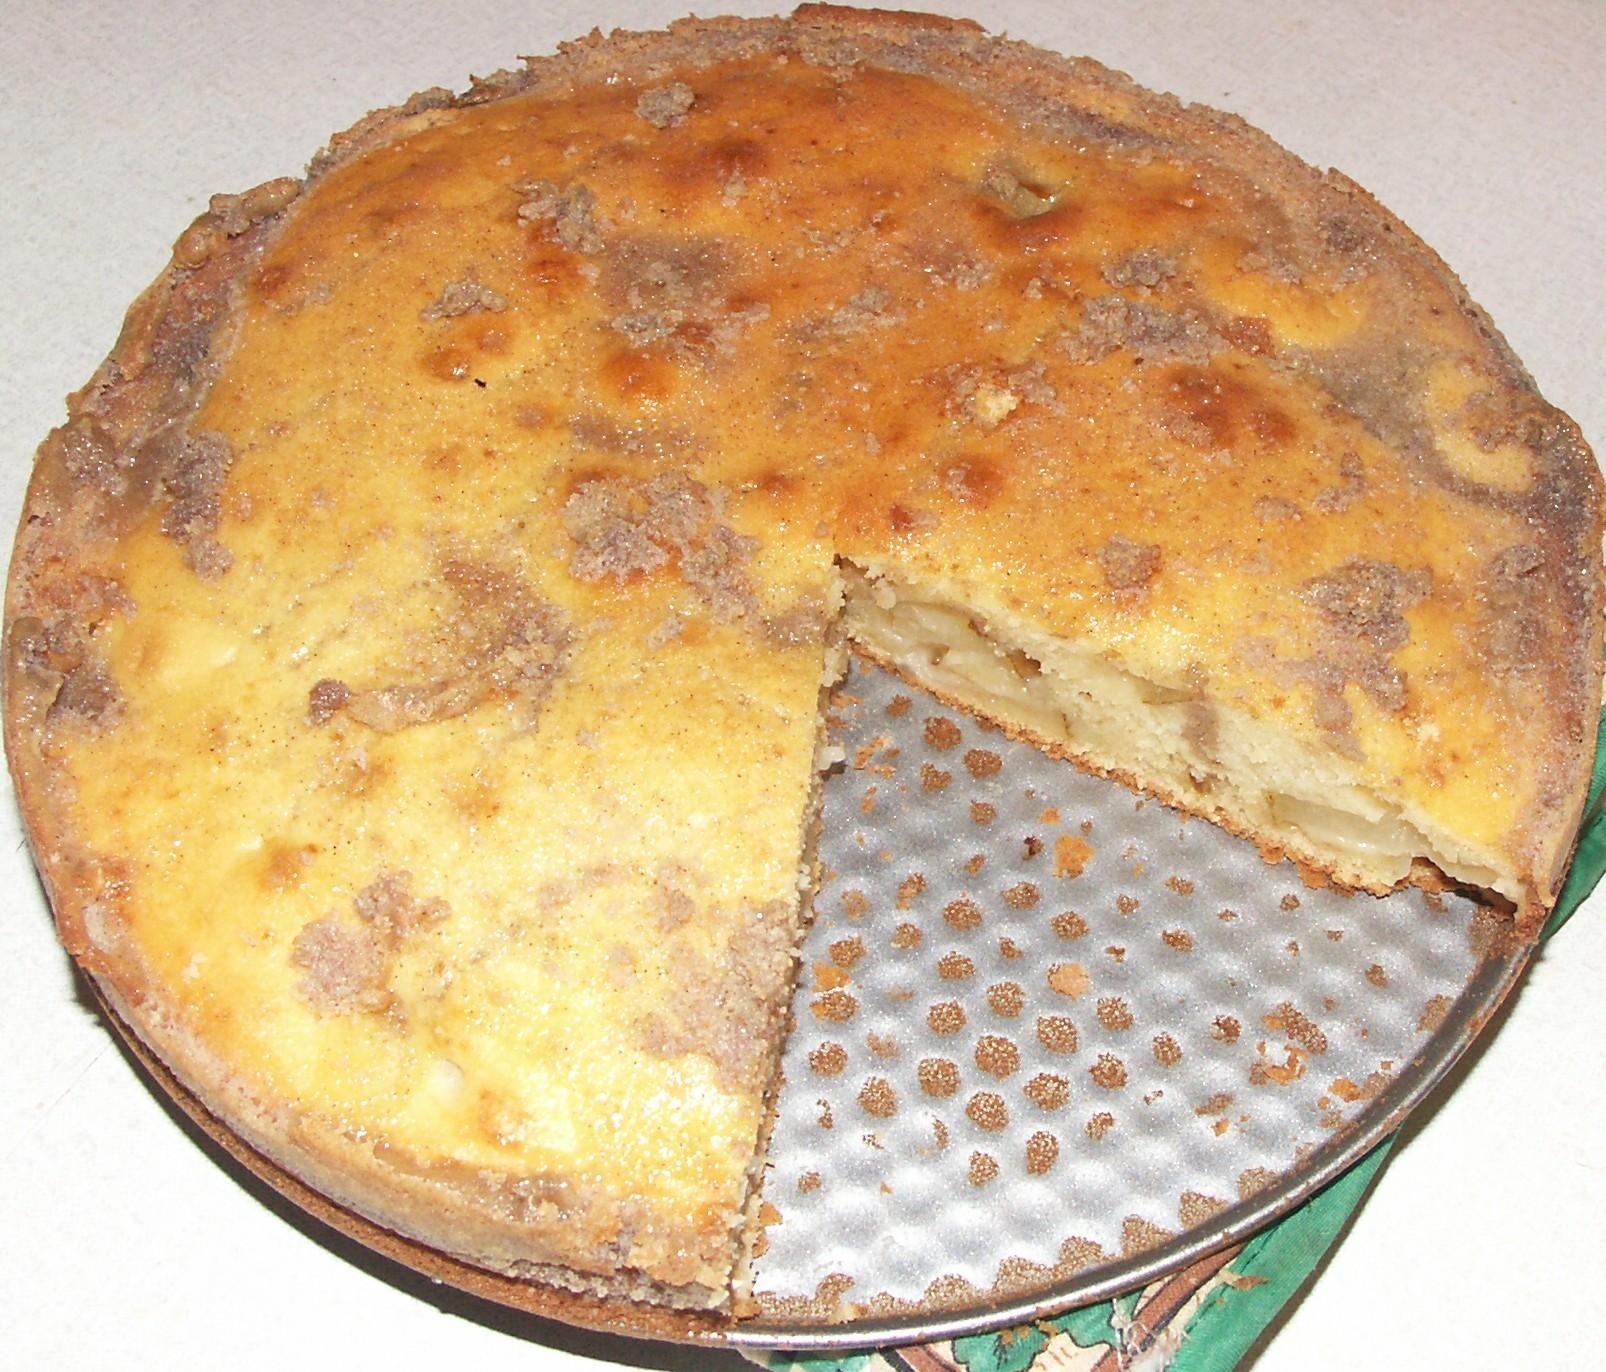 Recept Francouzský hruškový koláč - Hruškový koláč s banánem